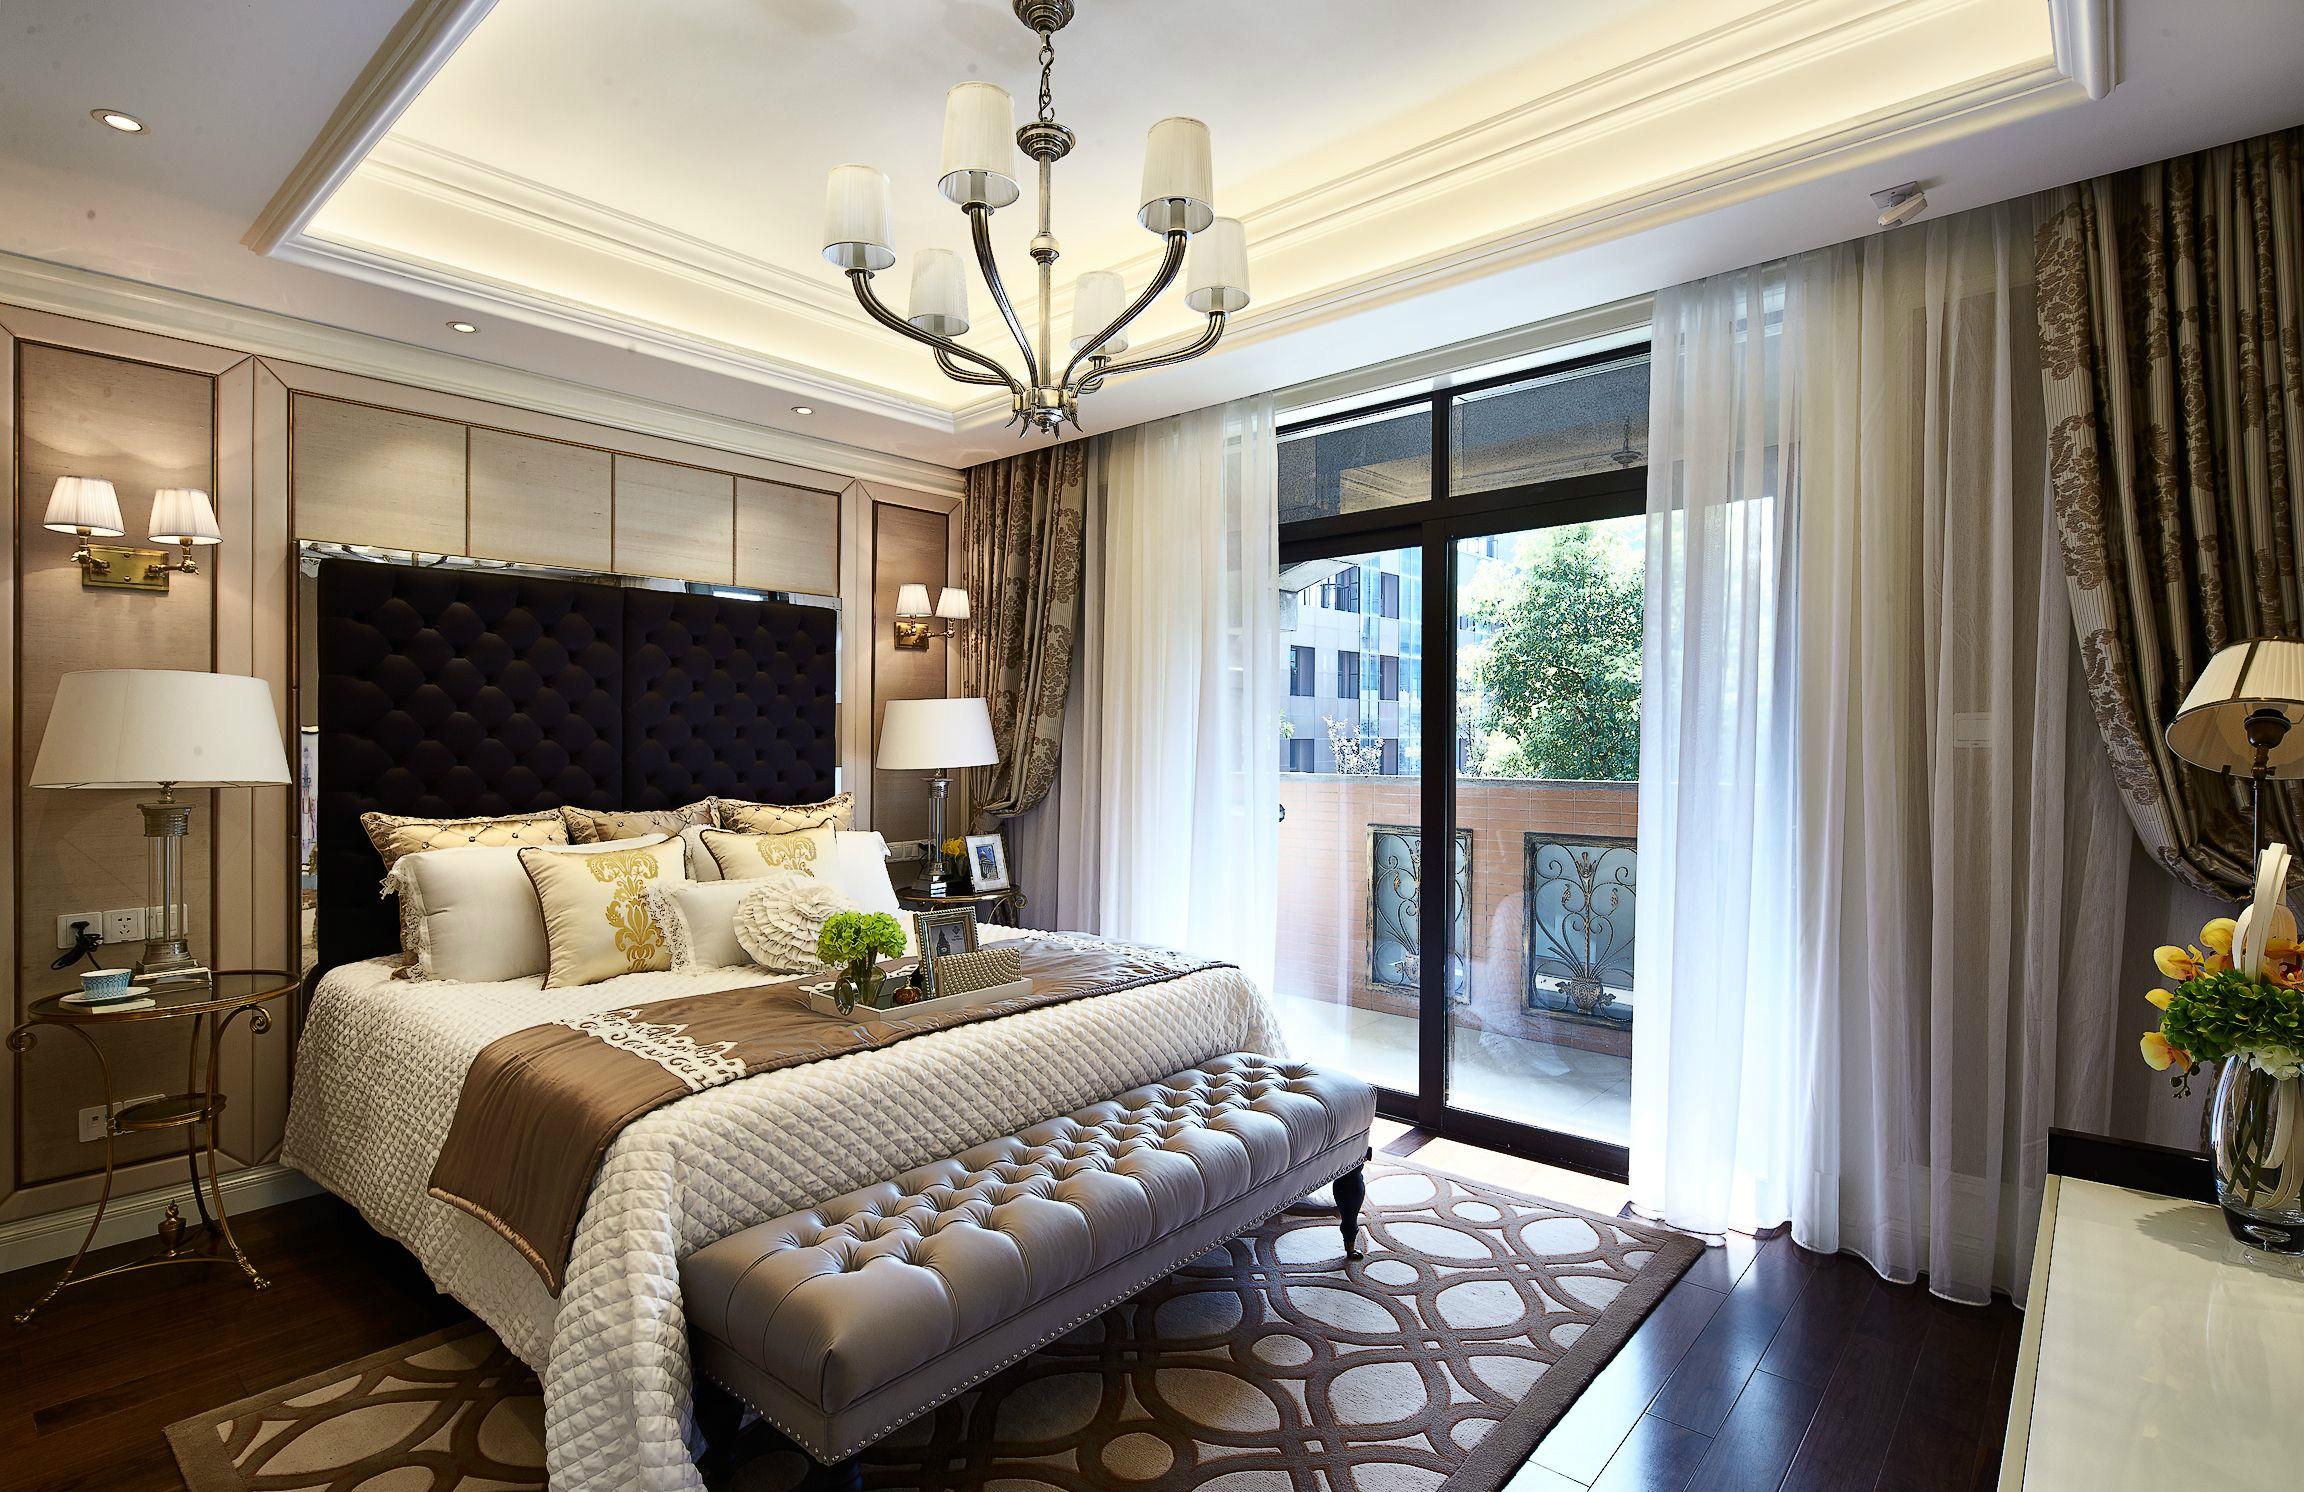 卧室设计豪华舒适,通过颜色的搭配,制造出了一种温馨、浪漫的感觉。